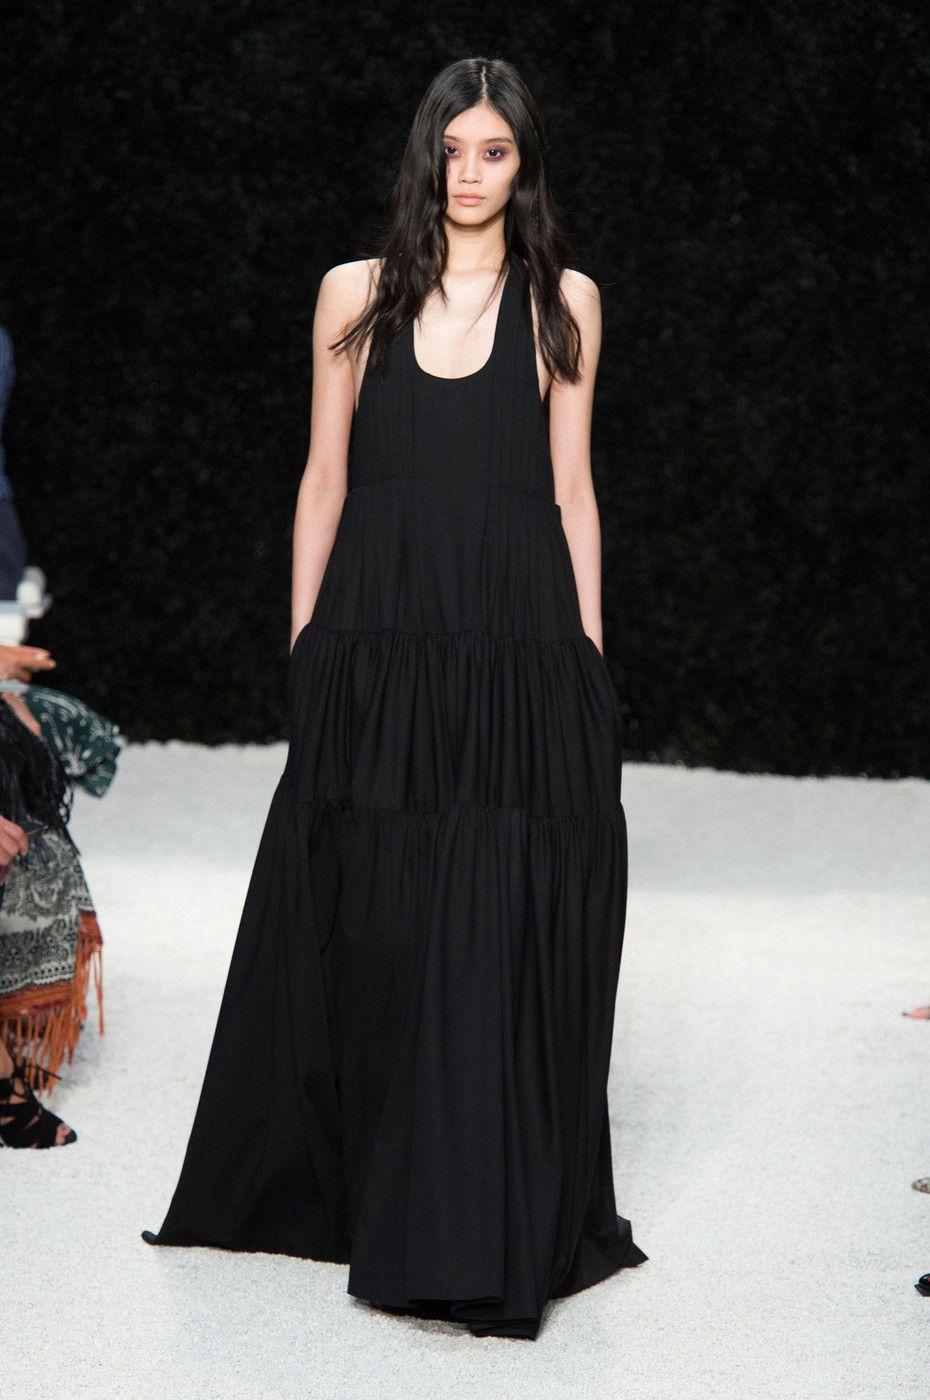 Vera Wang at New York Fashion Week Spring 2015.